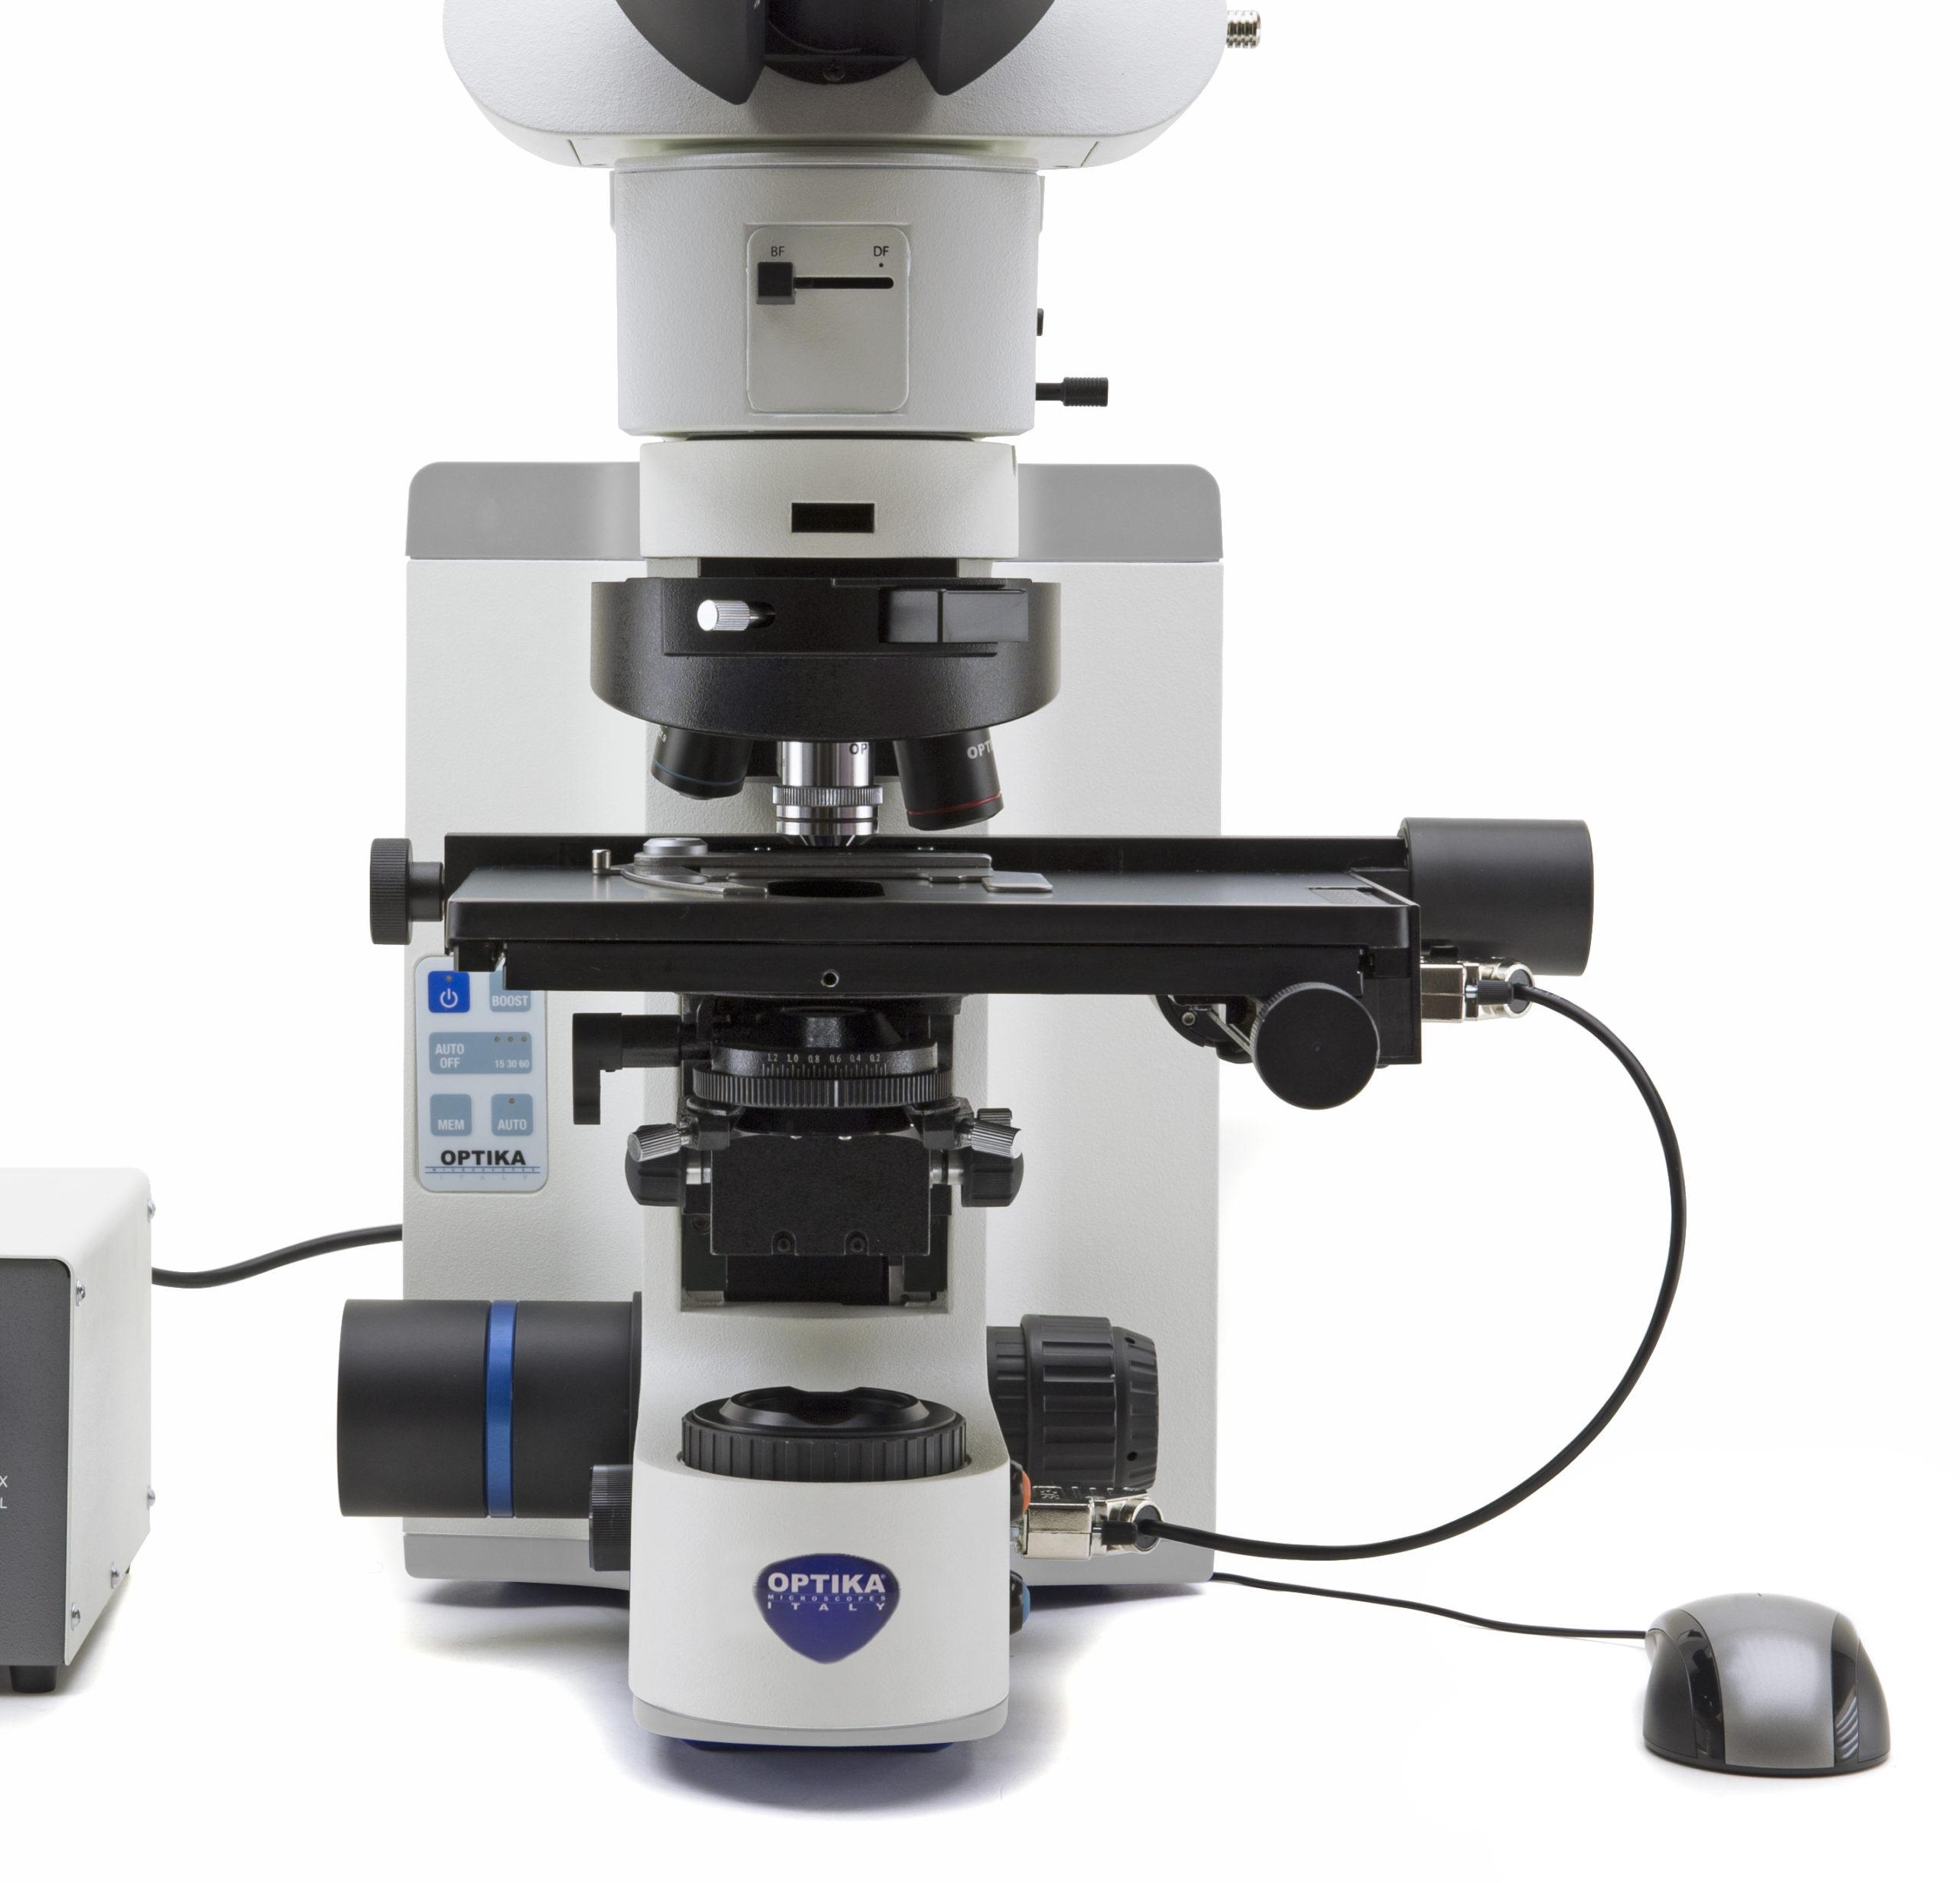 Mikroskop z opcją rozbudowy o funkcje zmotoryzowane